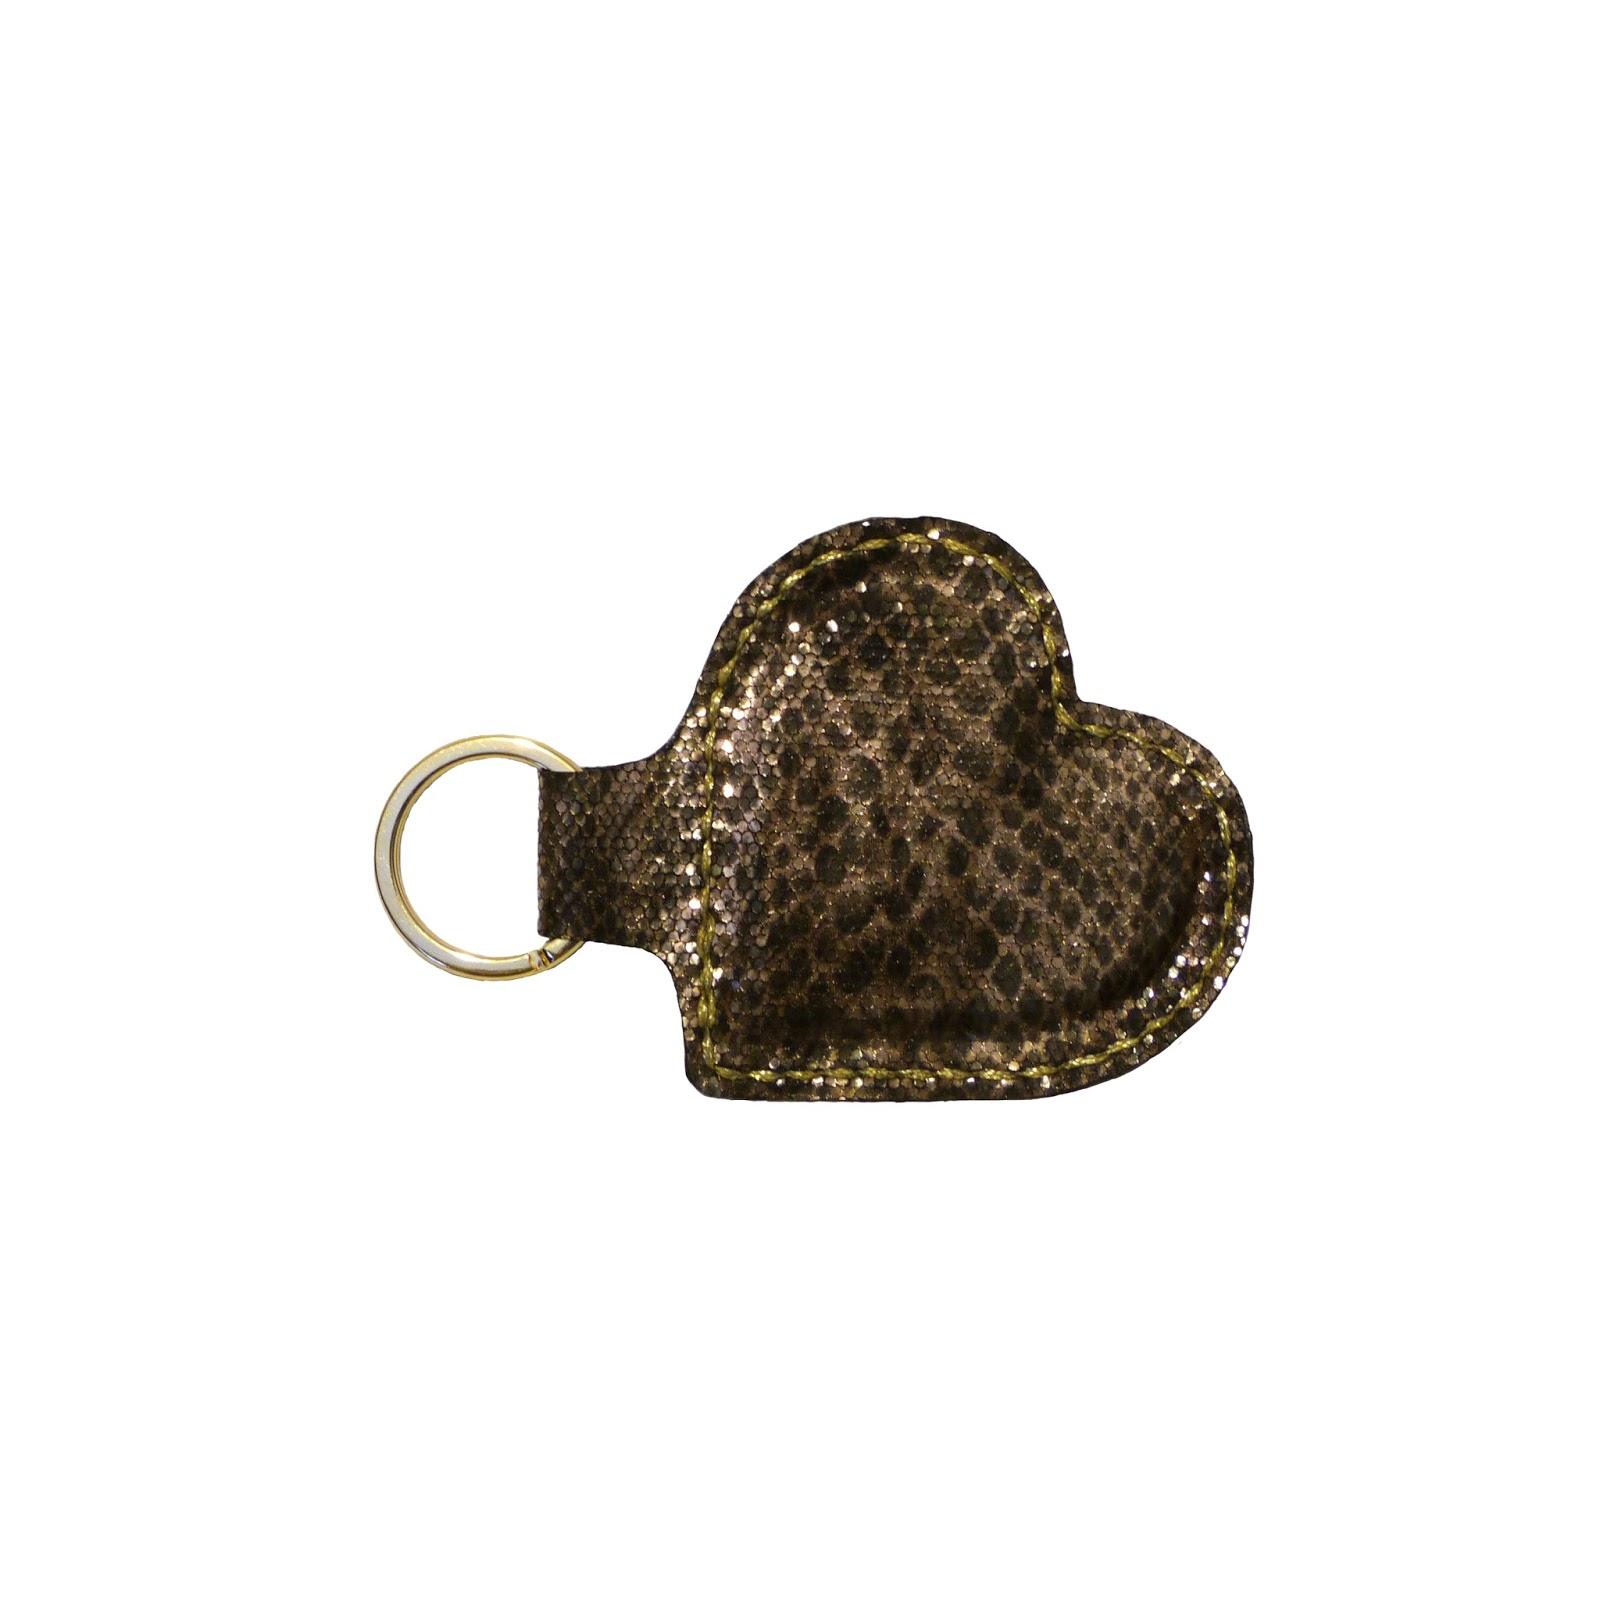 Imagen del llavero San Valentín piel de serpiente